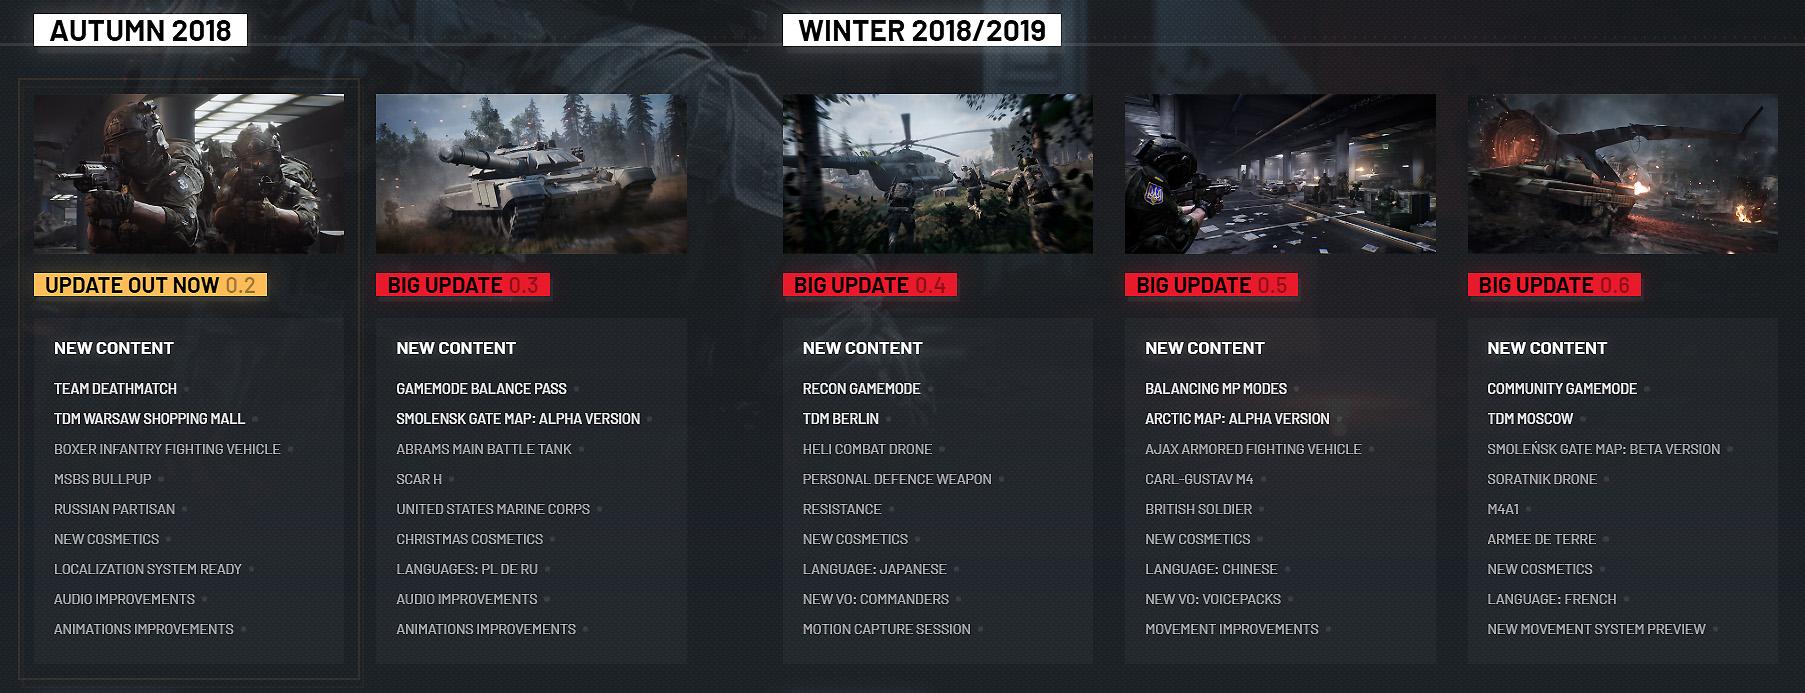 World War 3 Update Adds Team Deathmatch, Development Roadmap